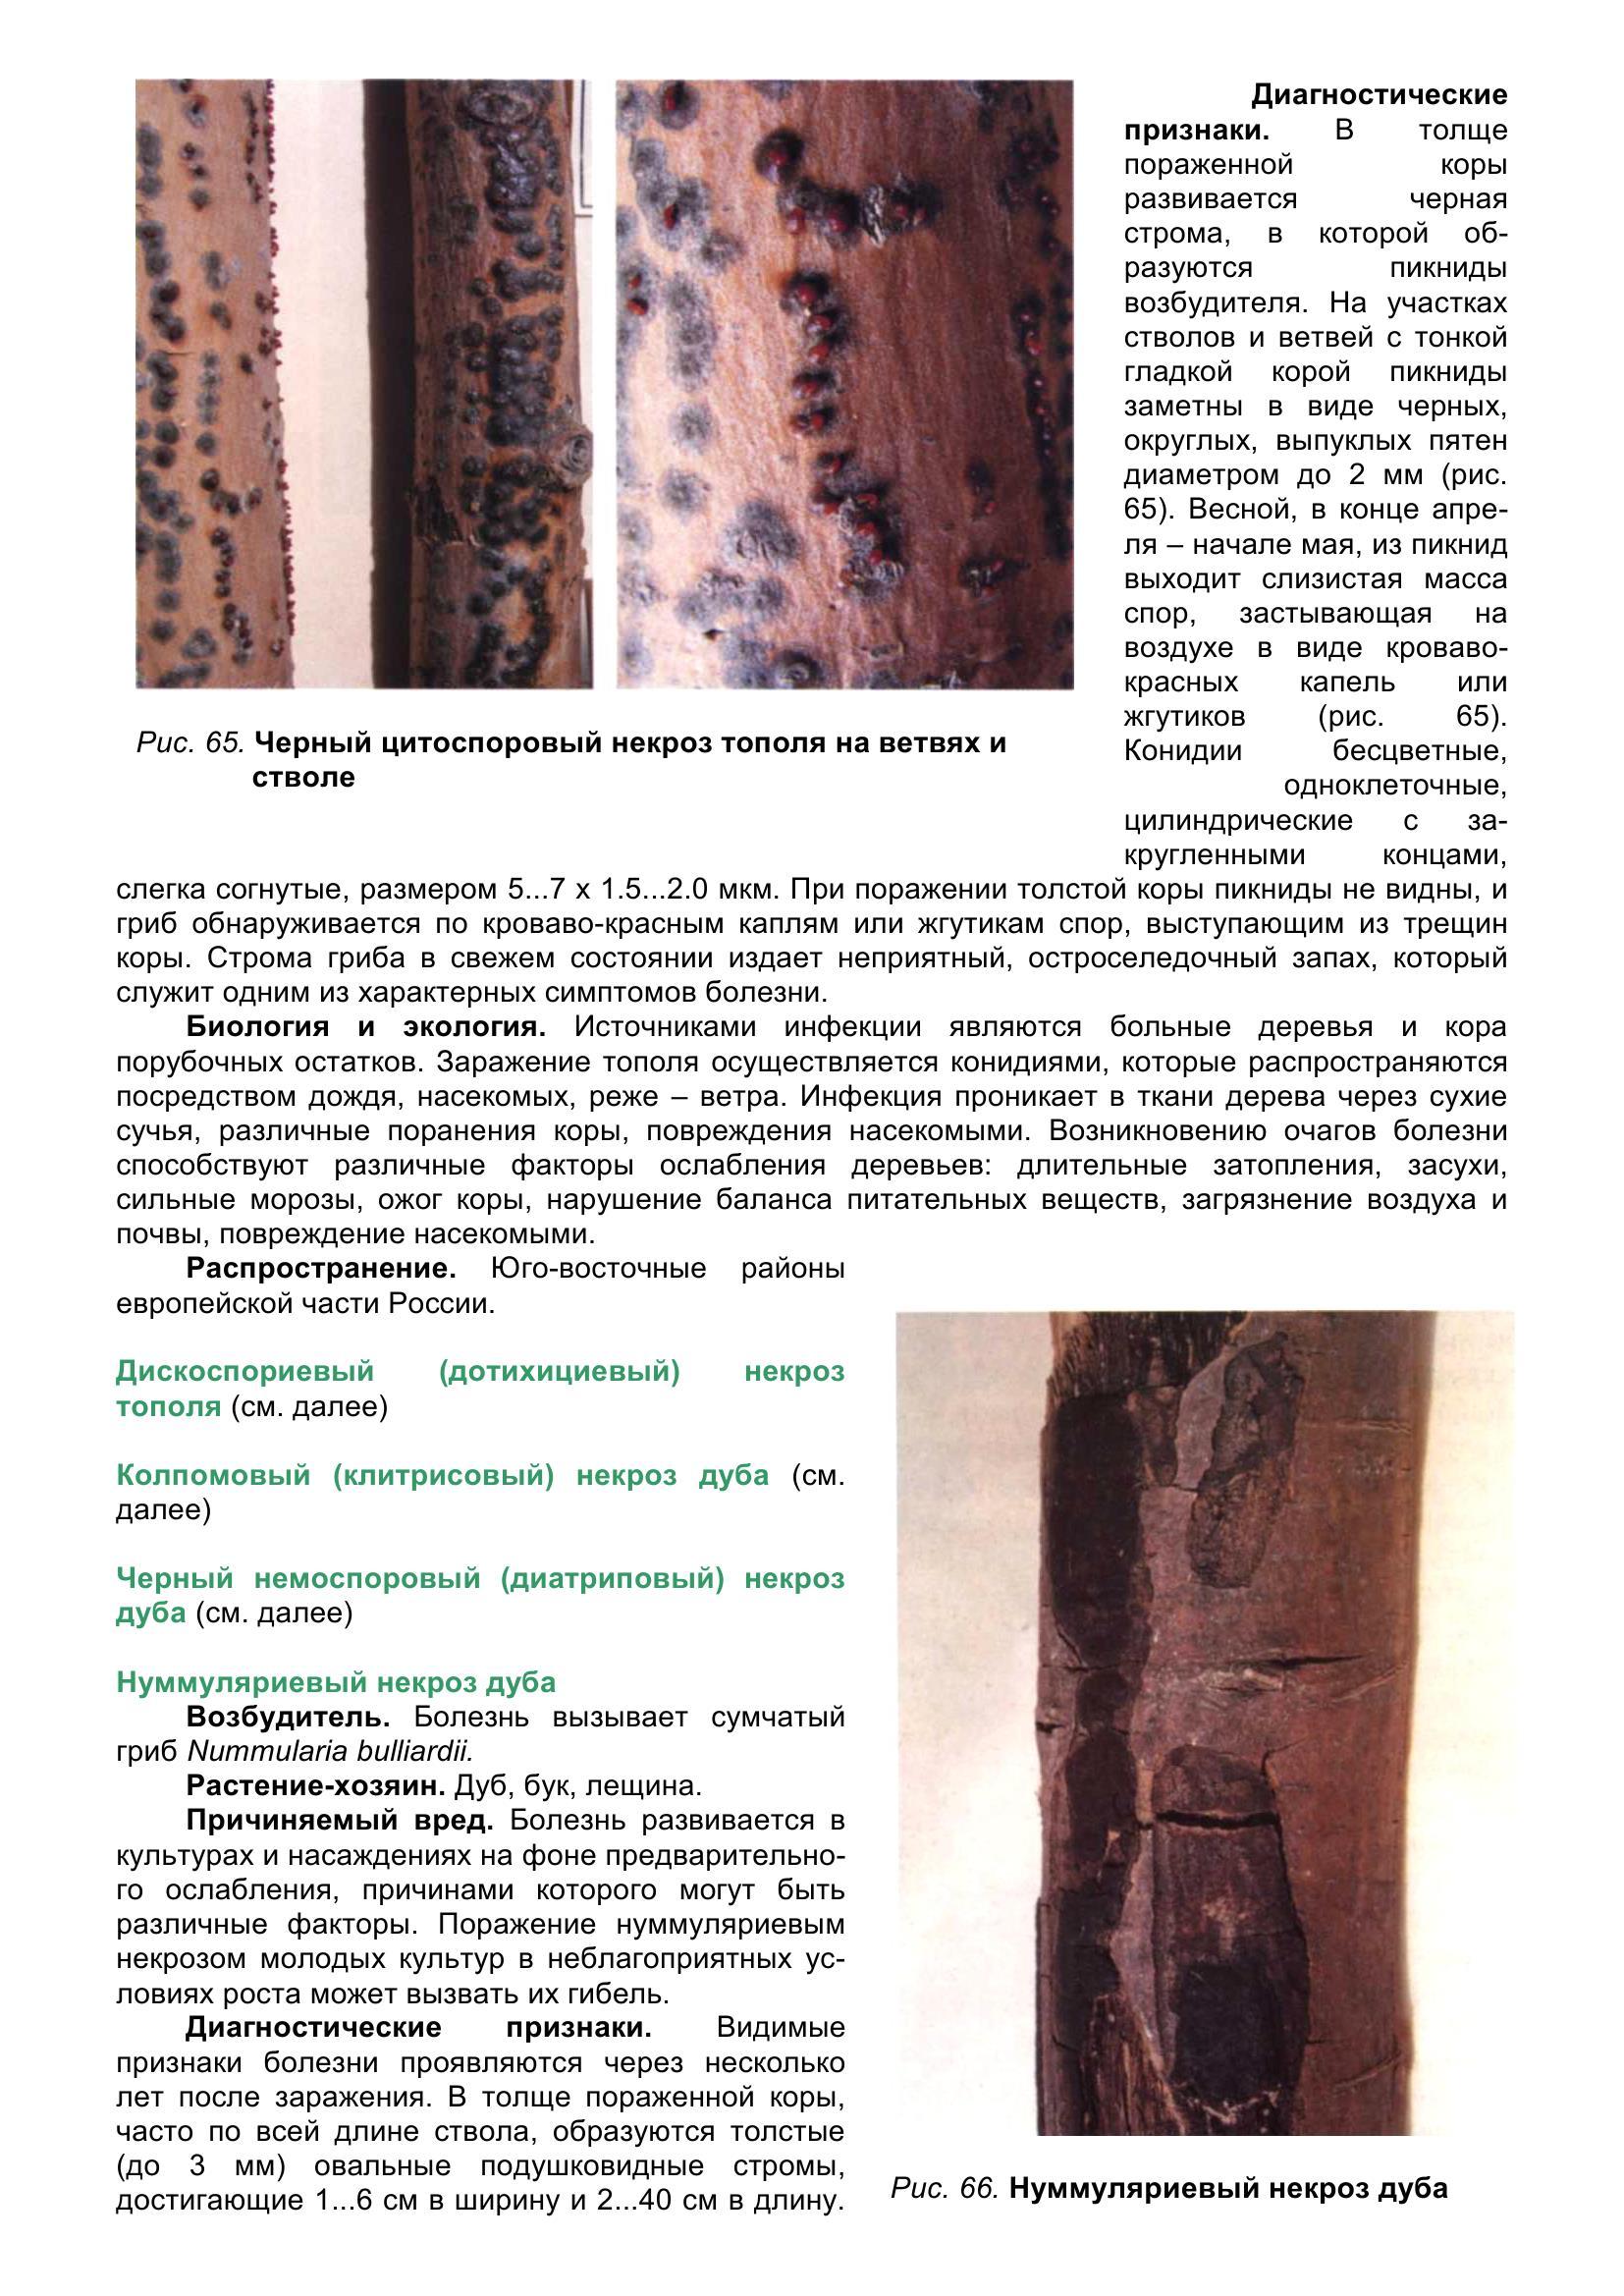 Болезни_древесных_растений_076.jpg